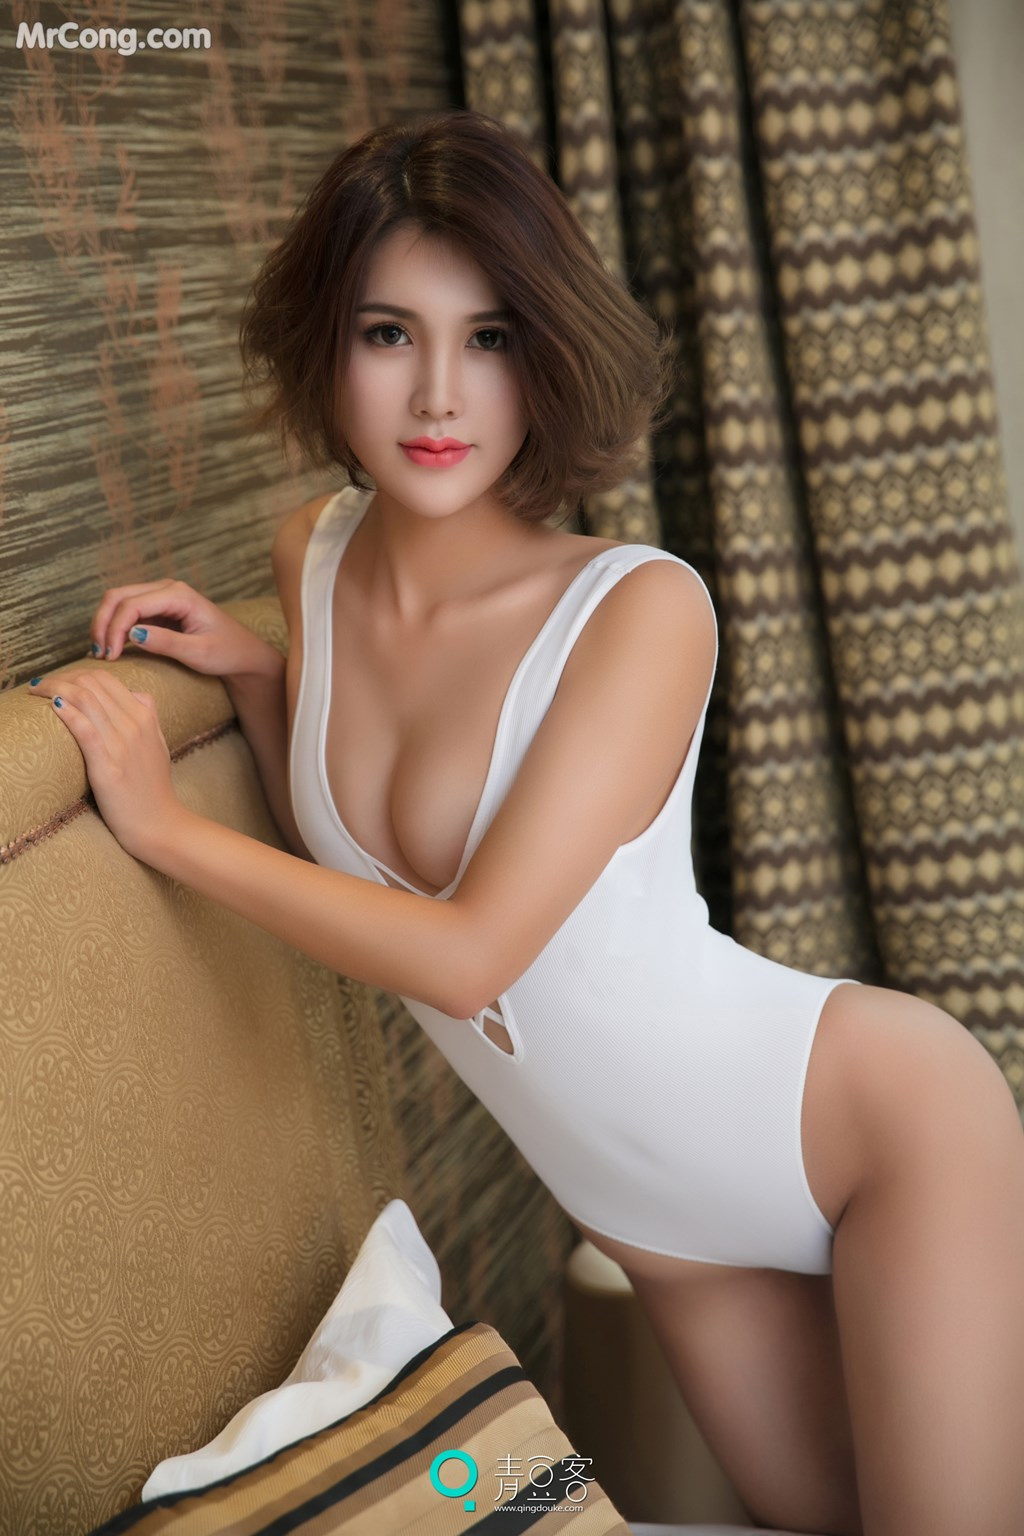 Image QingDouKe-2017-10-10-Yi-Nuo-MrCong.com-005 in post QingDouKe 2017-10-10: Người mẫu Yi Nuo (依诺) (54 ảnh)